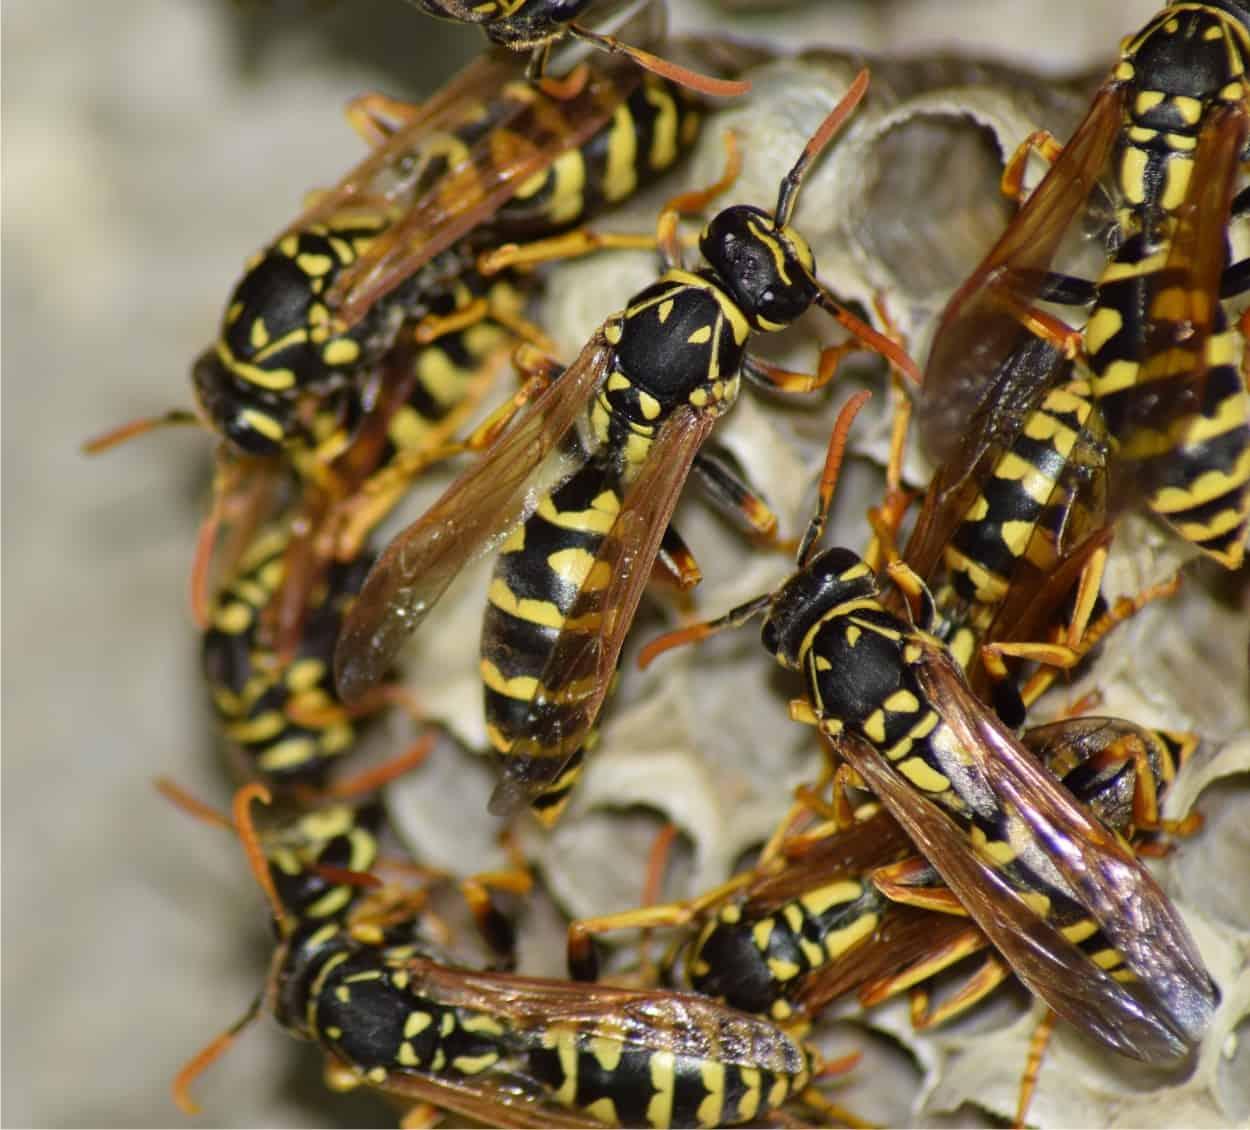 Prevenire la presenza di vespe